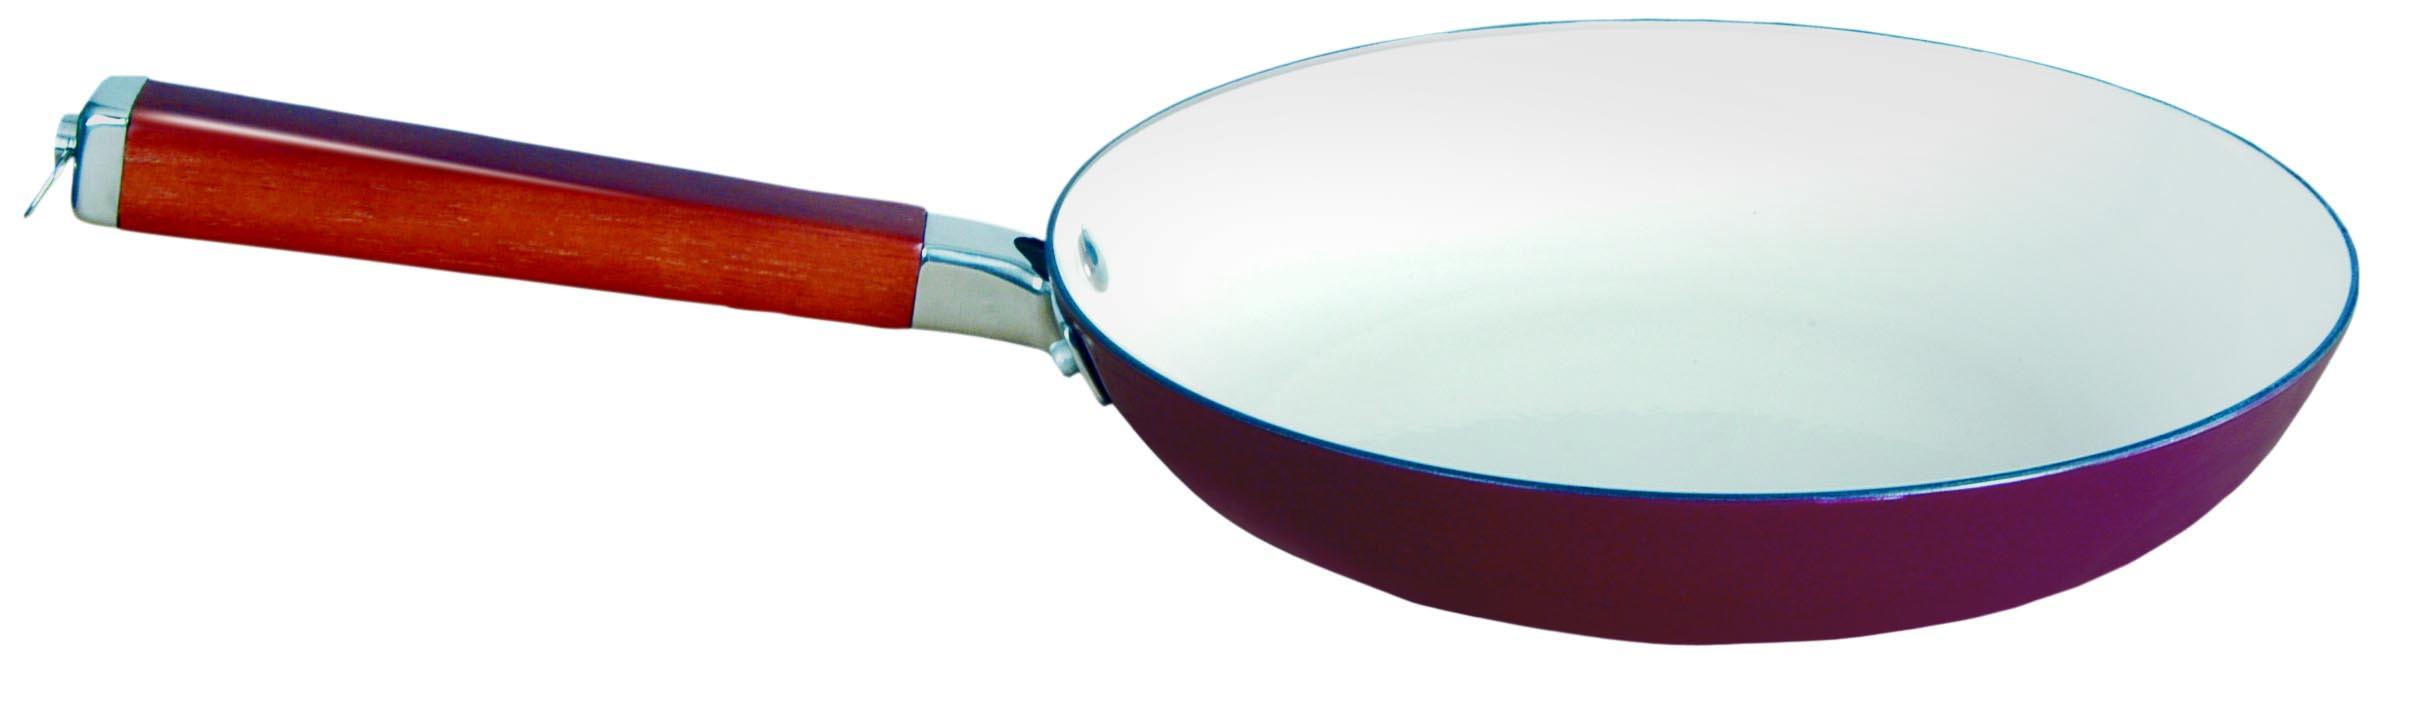 Сковорода Winner, чугунная, цвет: бордо. Диаметр 24 смWR-6201Сковорода Winner выполнена из высококачественного чугуна и внутри и снаружи покрыта эмалью, благодаря которому приобретает уникальные свойства и эксплуатационные характеристики. Сковорода имеет удобную эргономичную ручку, выполненную из сочетания дерева и нержавеющей стали. В процессе приготовления рекомендуется использовать деревянные или пластиковые лопатки. Не используйте металлические губки и острые предметы, чтобы удалить остатки пищи с посуды, а также отбеливатели и моющие средства содержащие хлор. Подходит для использования на индукционной плите. Рекомендована ручная чистка. Характеристики: Материал: чугун, дерево, нержавеющая сталь. Диаметр сковороды: 24 см. Высота стенки: 5 см. Длина ручки: 19 см. Производитель: Китай. Размер упаковки: 44 см х 25 см х 5 см. Артикул: WR-6201.